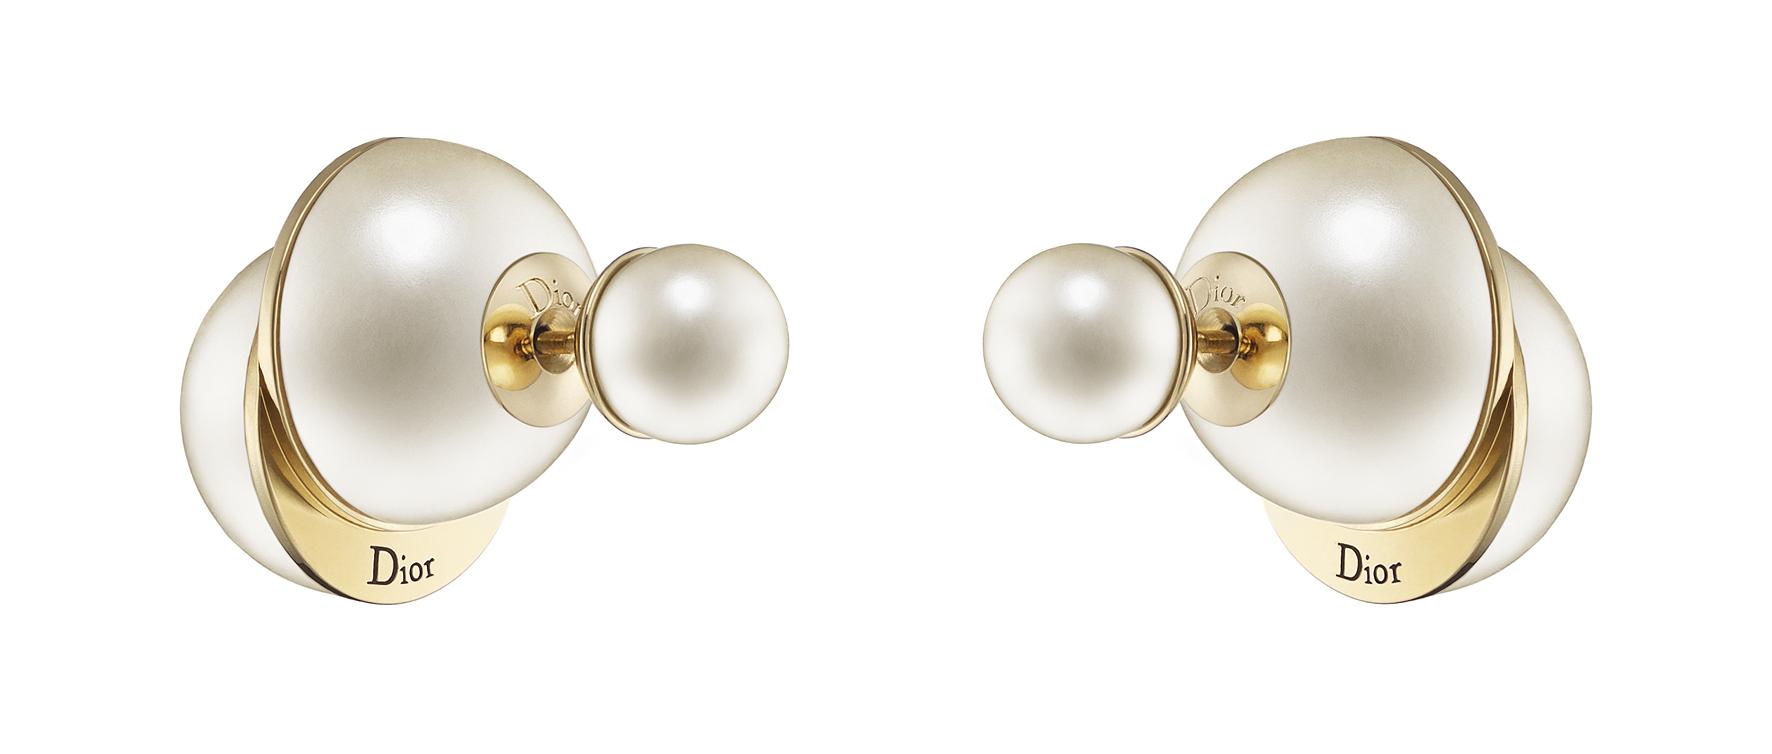 Boucles-d'oreilles-Dior-Tribales-en-metal-finition-doree-et-perles-de-resine-blanche